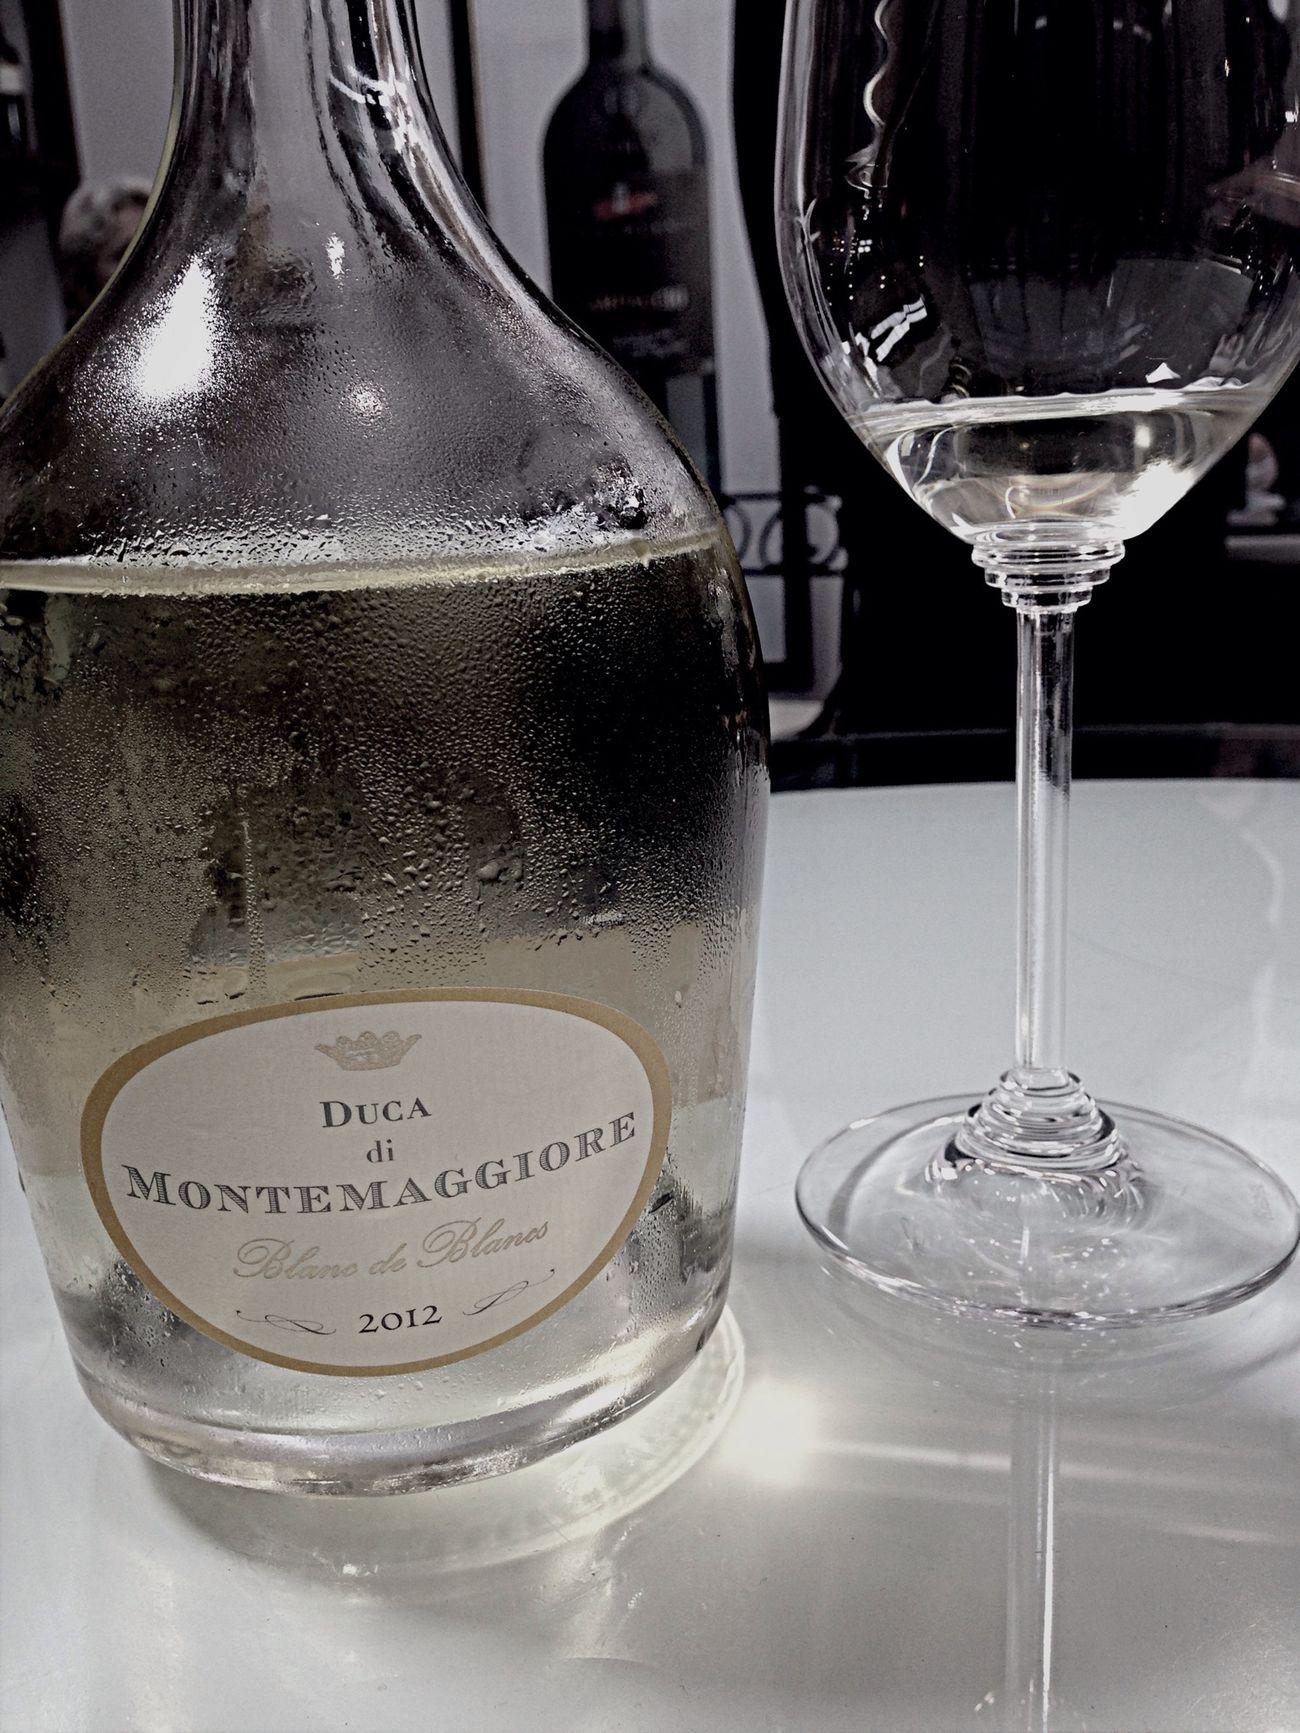 Excellent White Wine Vinitaly 2014 Duca Di Montemaggiore Blanc De Blancs